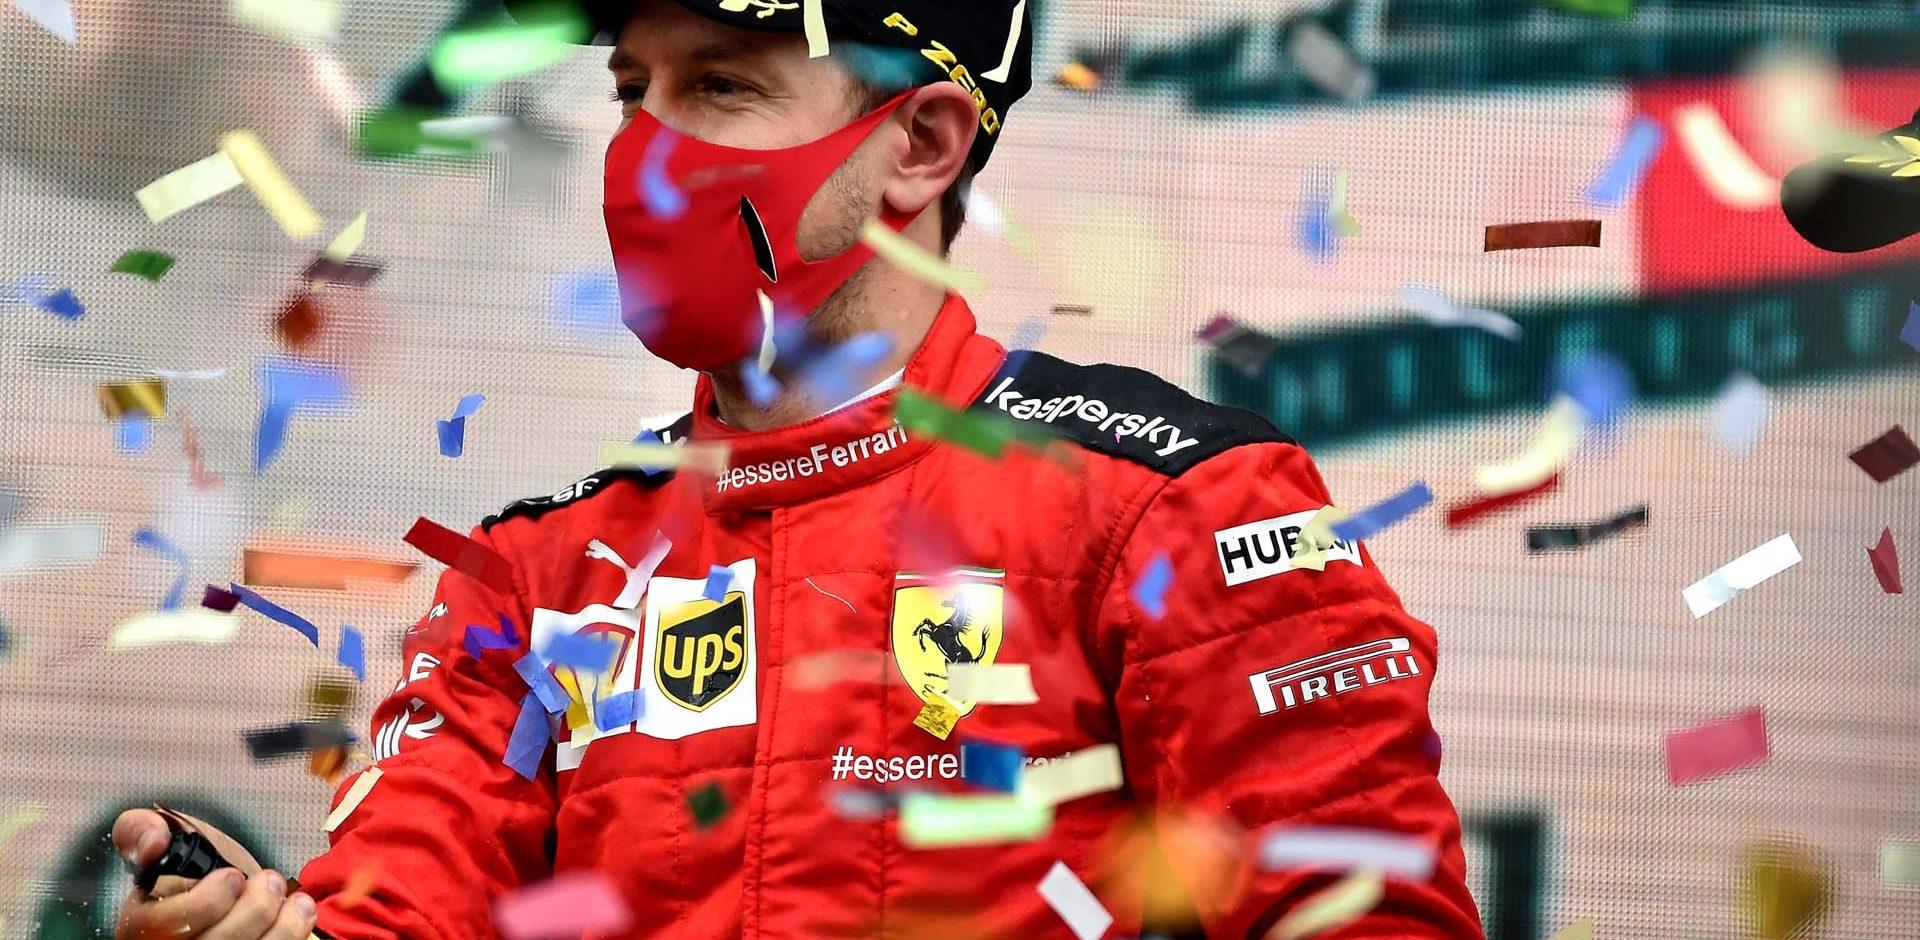 GP TURCHIA  F1/2020 -  DOMENICA 15/11/2020   credit: @Scuderia Ferrari Press Office Sebastian Vettel